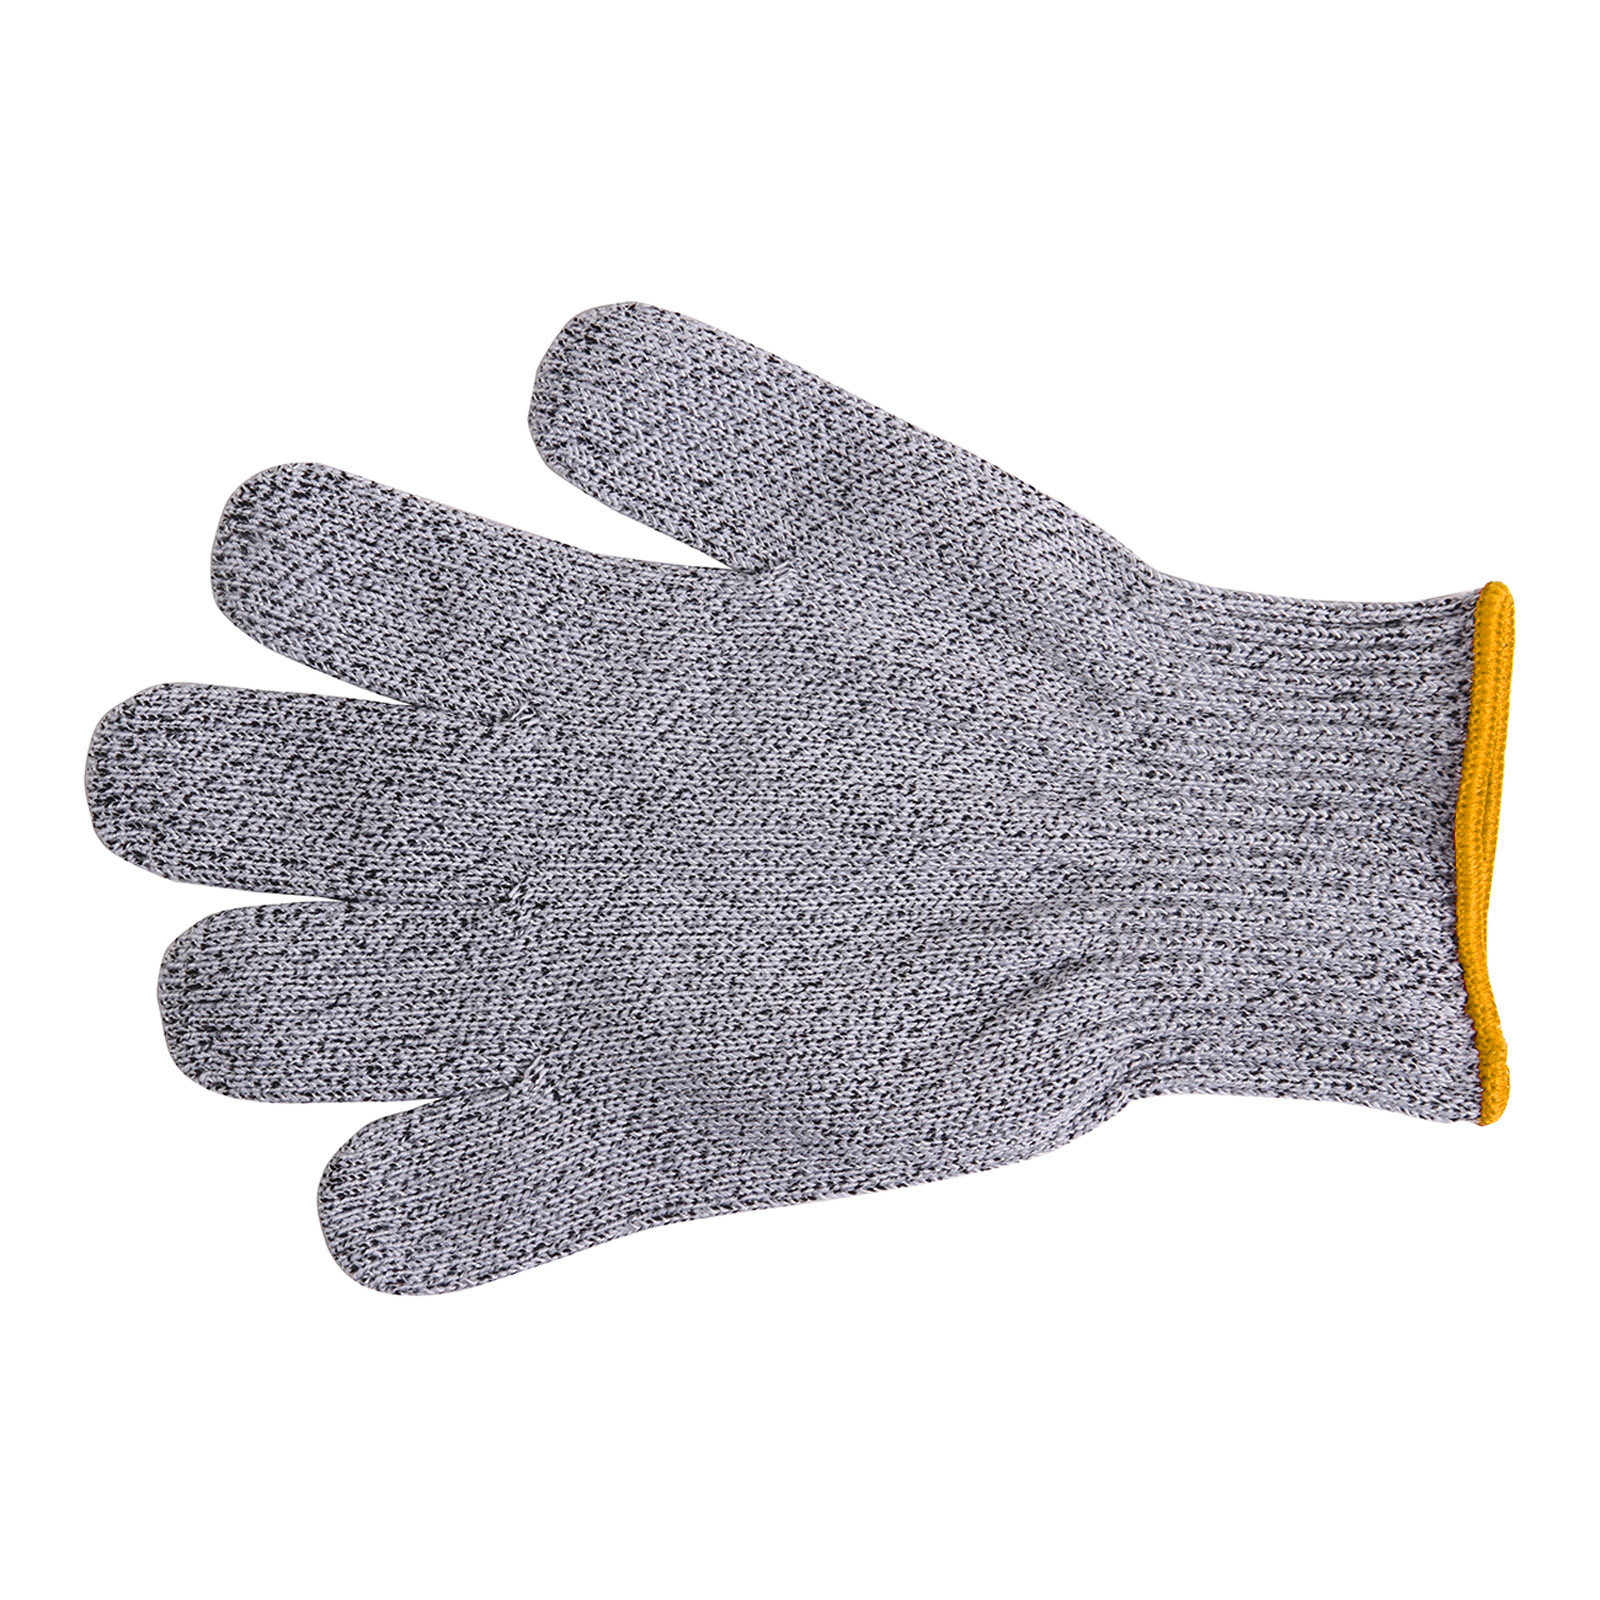 Mercer Culinary M33412XS glove, cut resistant